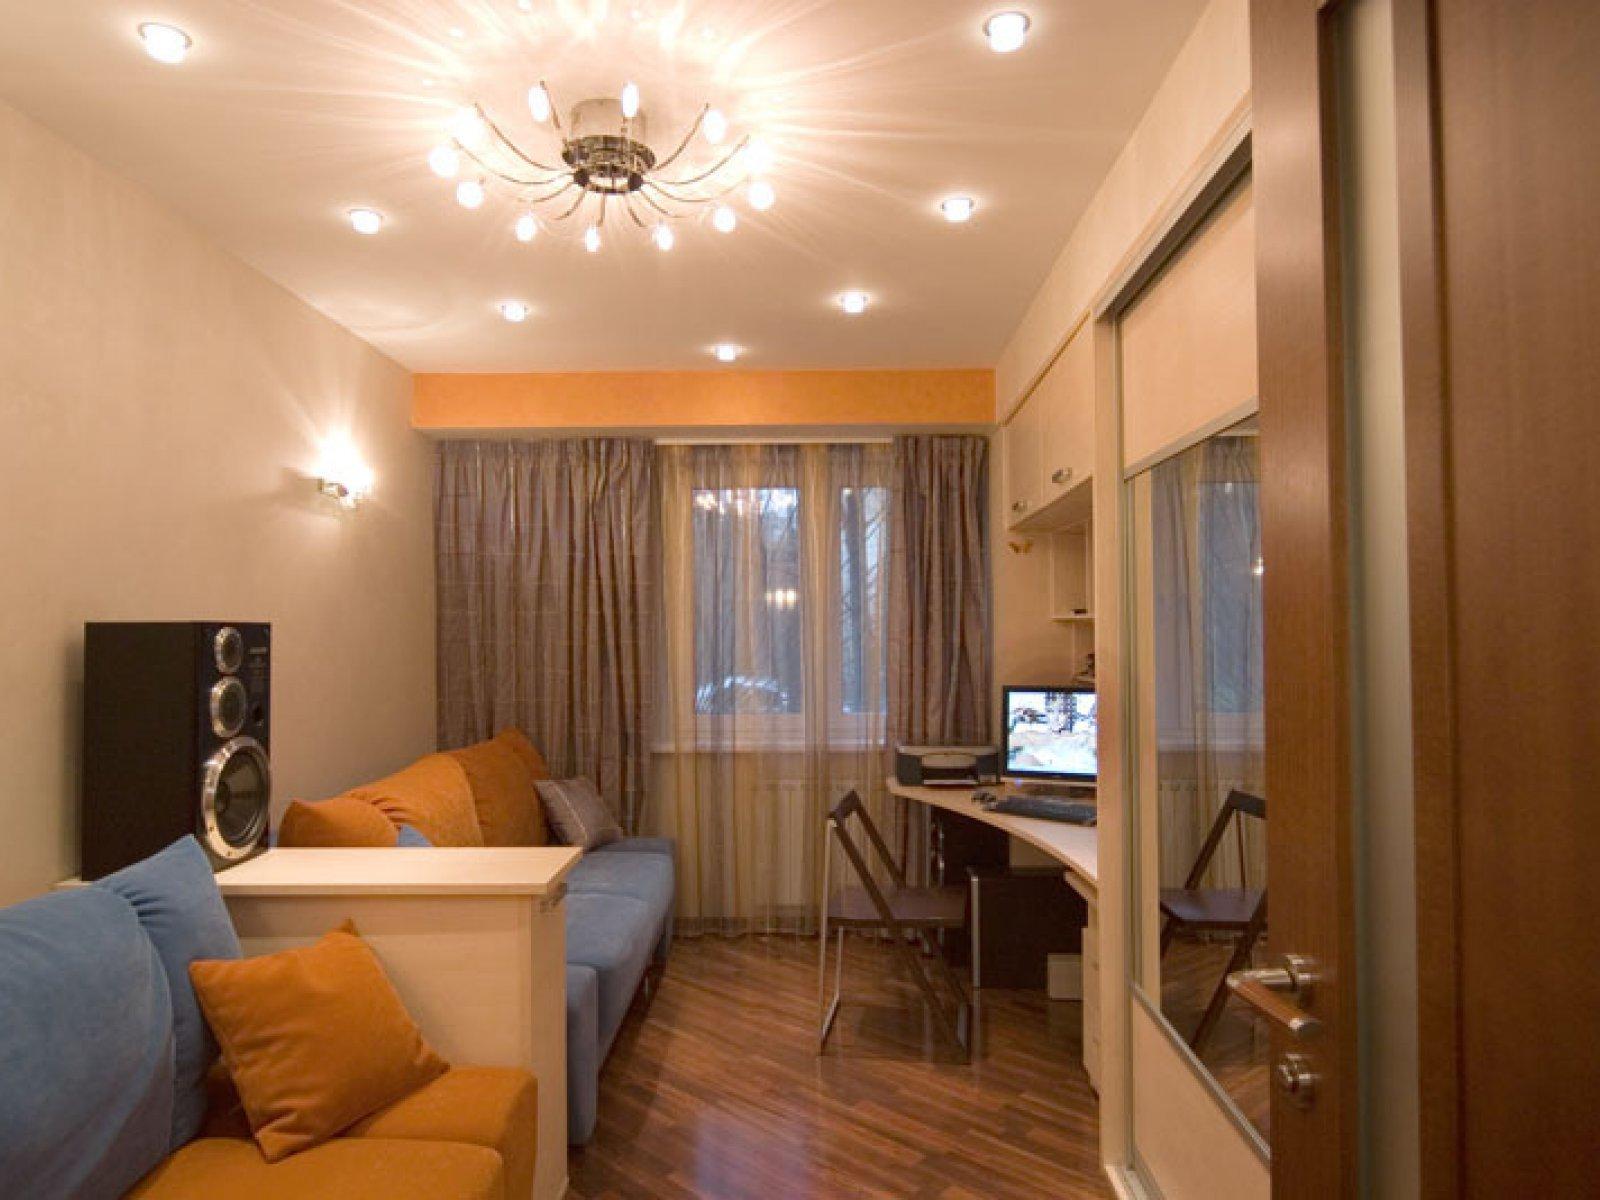 Фото интерьер двухкомнатной малогабаритной квартиры